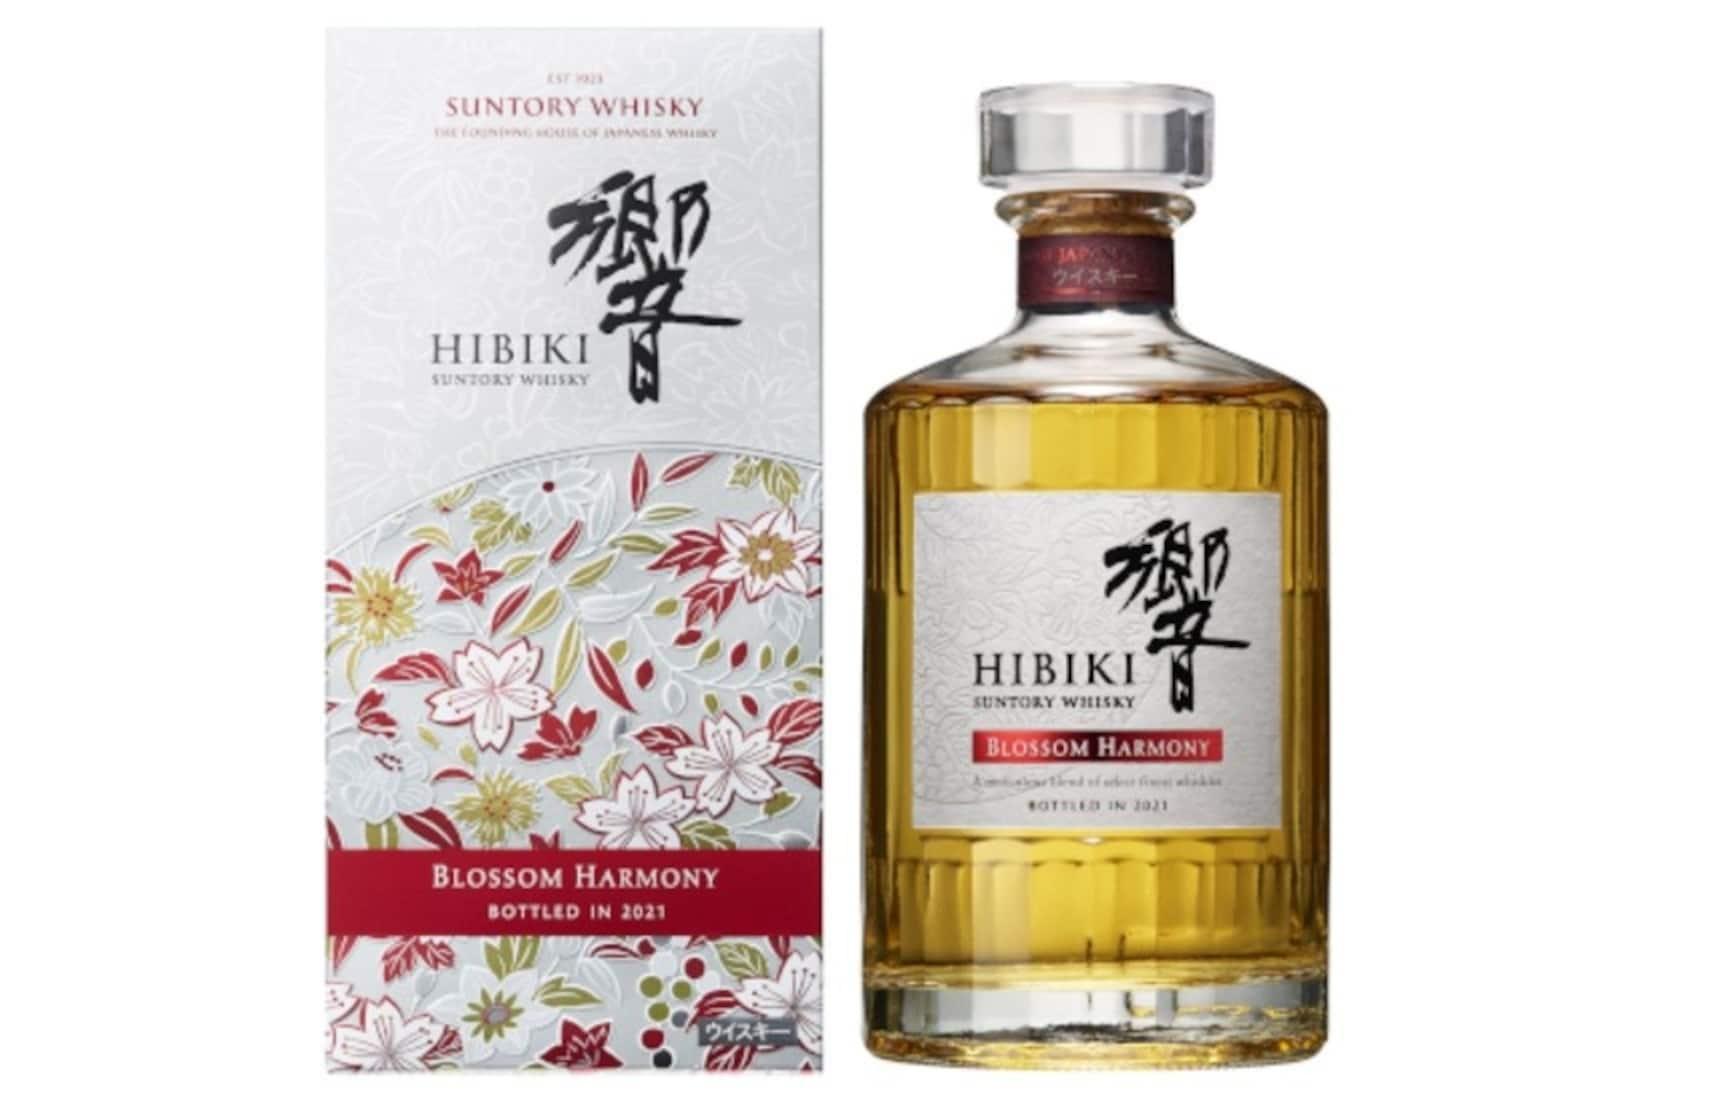 Hibiki Whiskey Gets New Cherry Blossom Blend